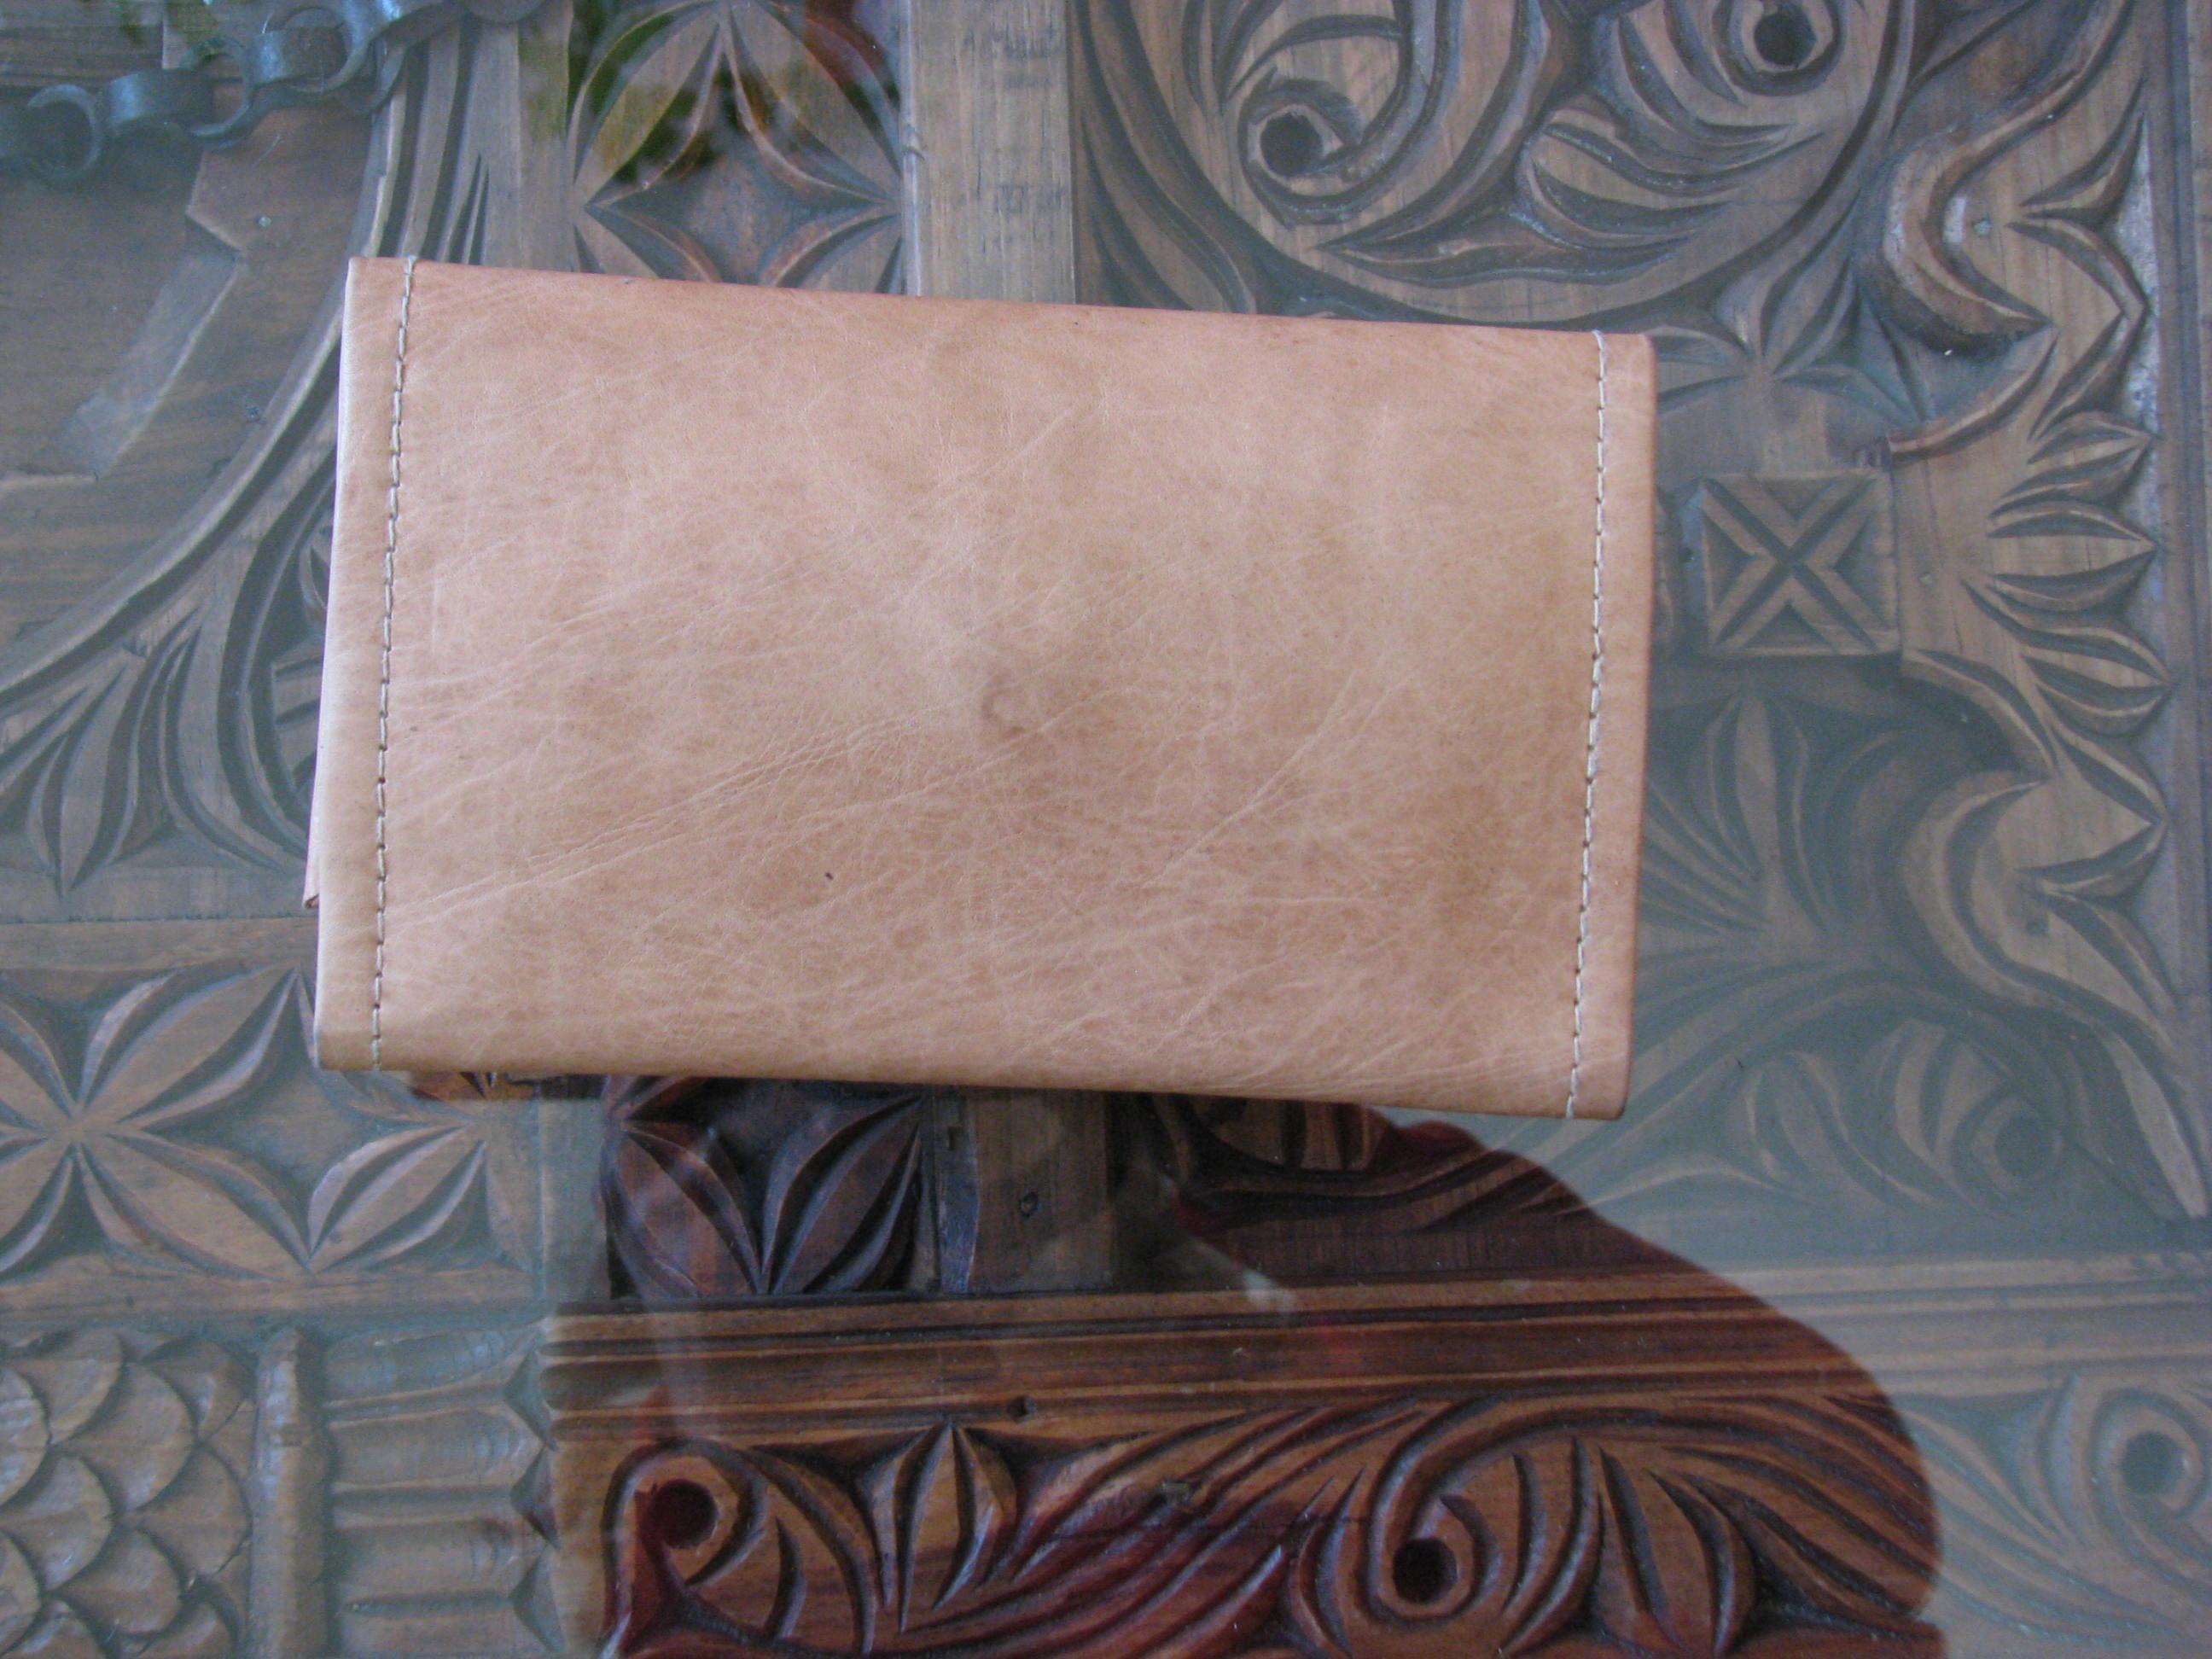 Leder-Portemonnaie für Damen